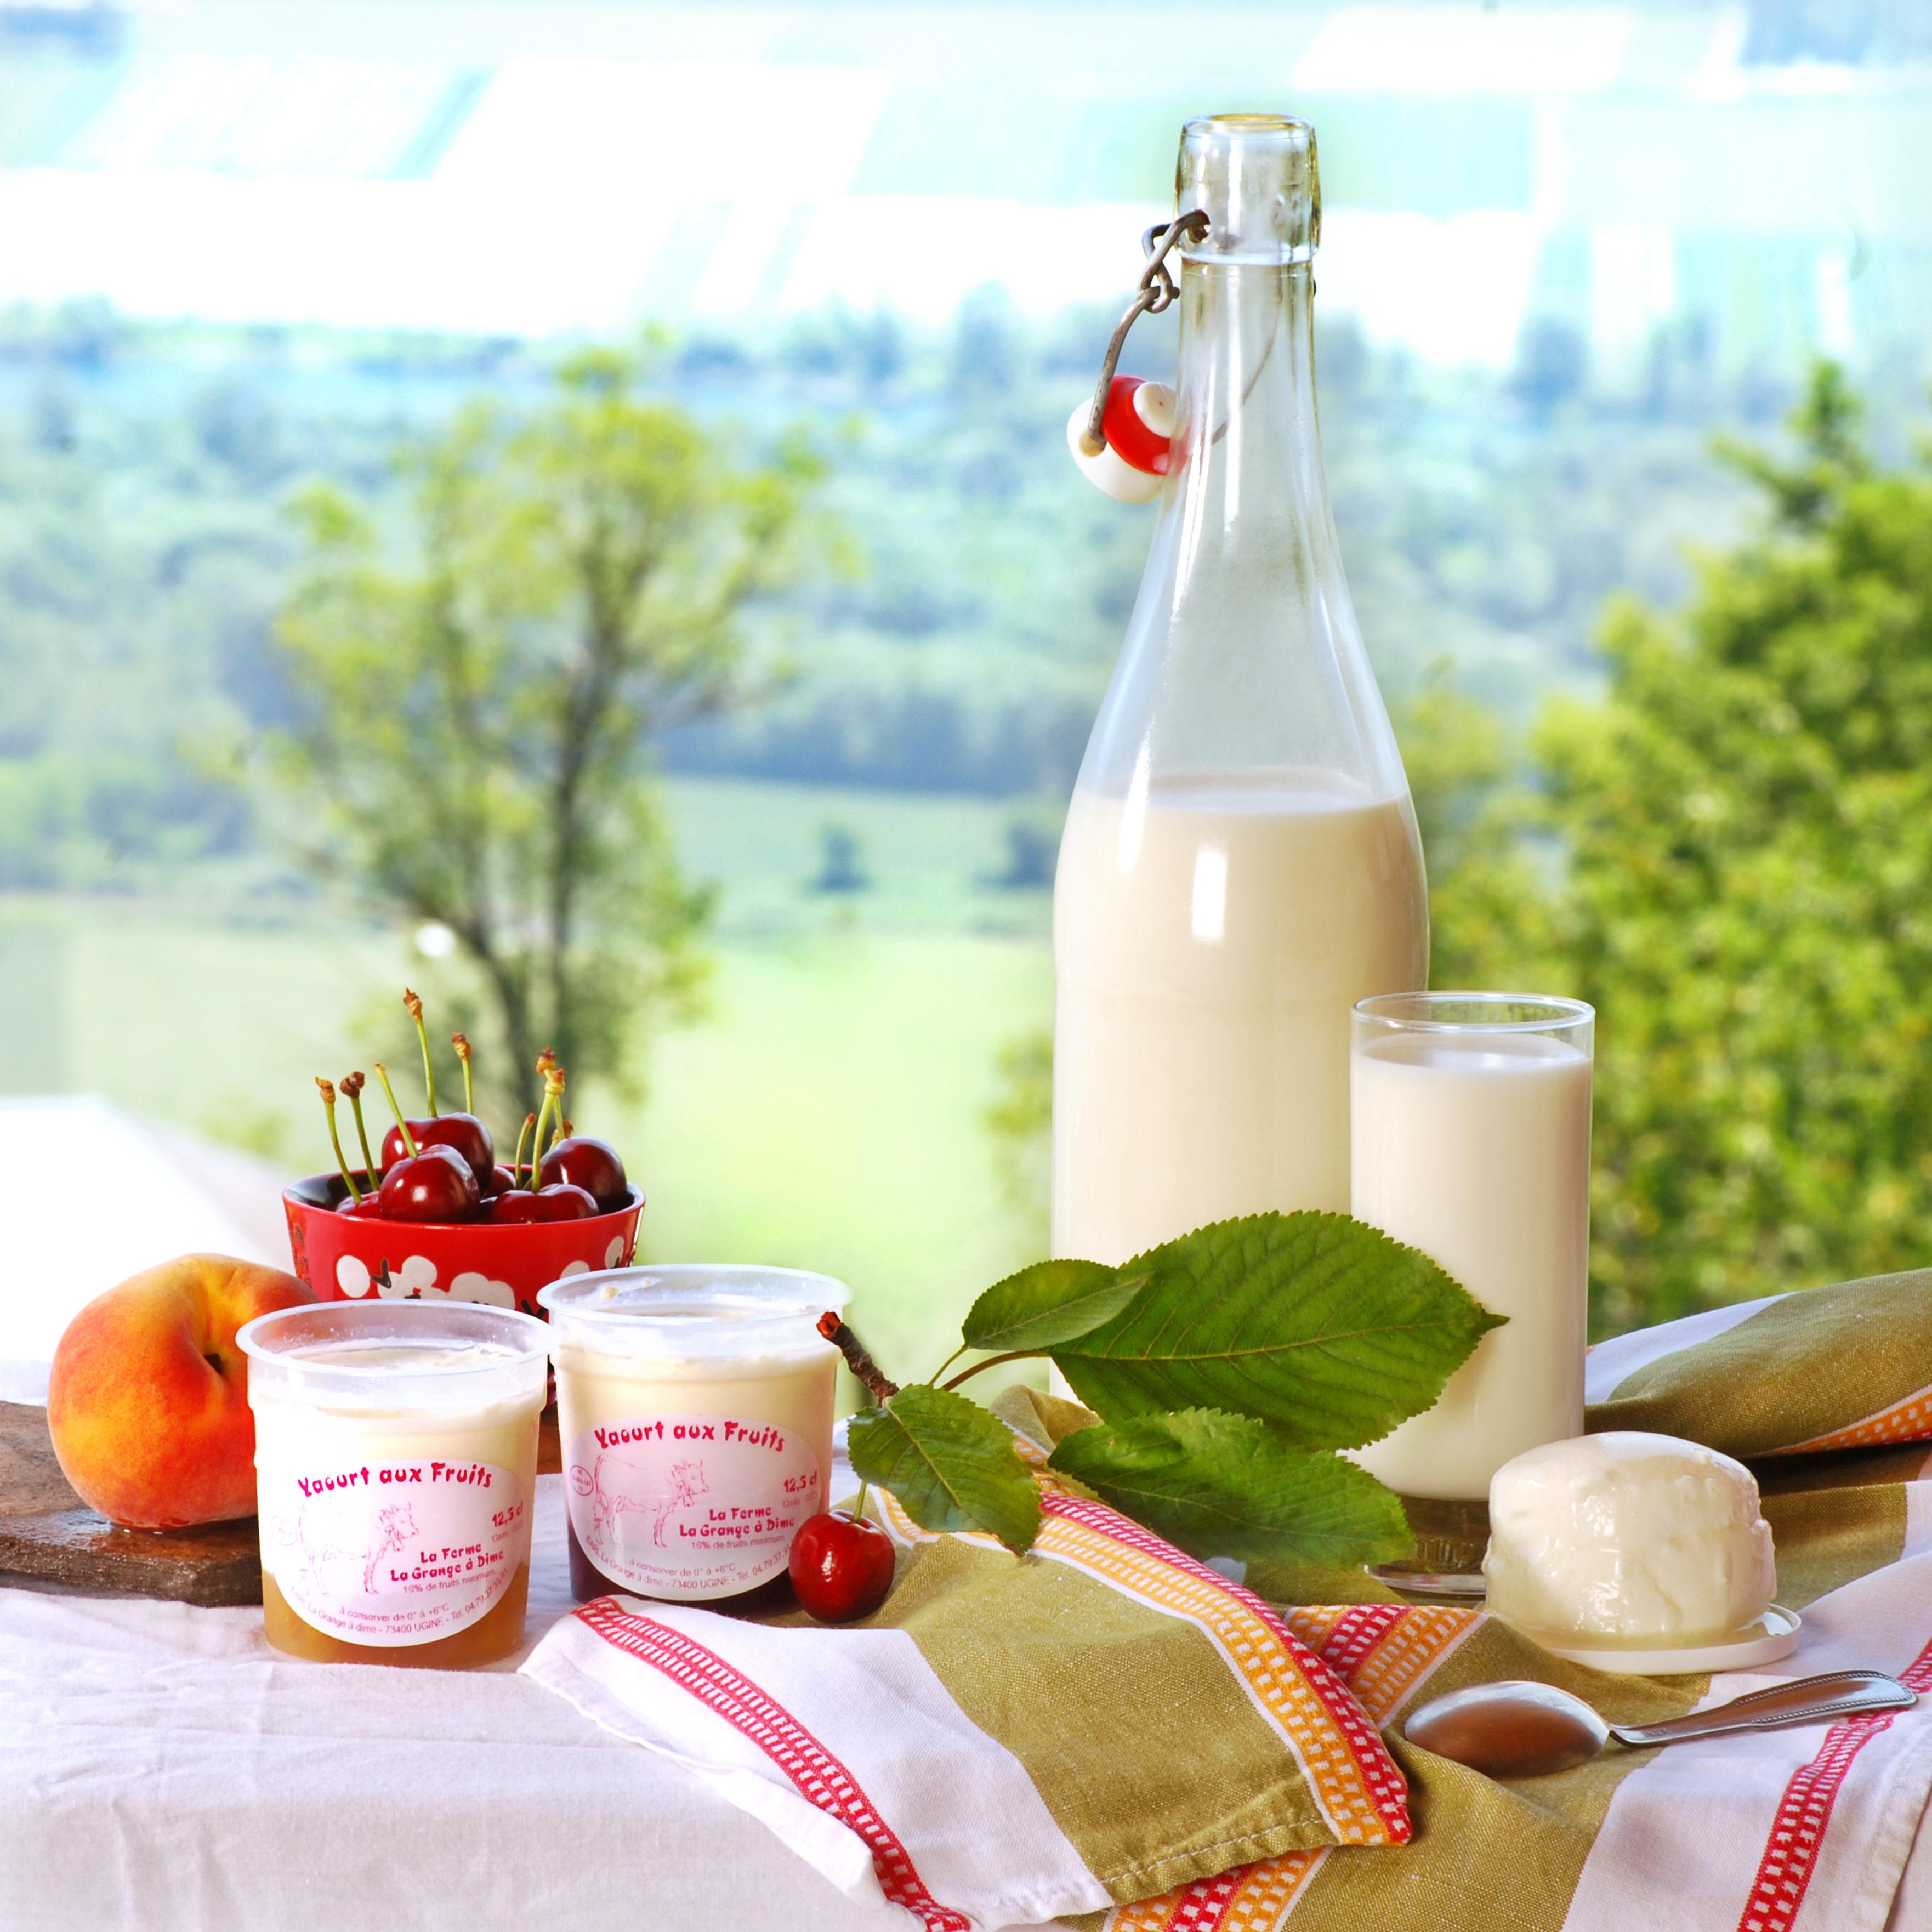 produits laitiers-magasin de producteur-gilly sur isère-albertville- terroir-vente directe